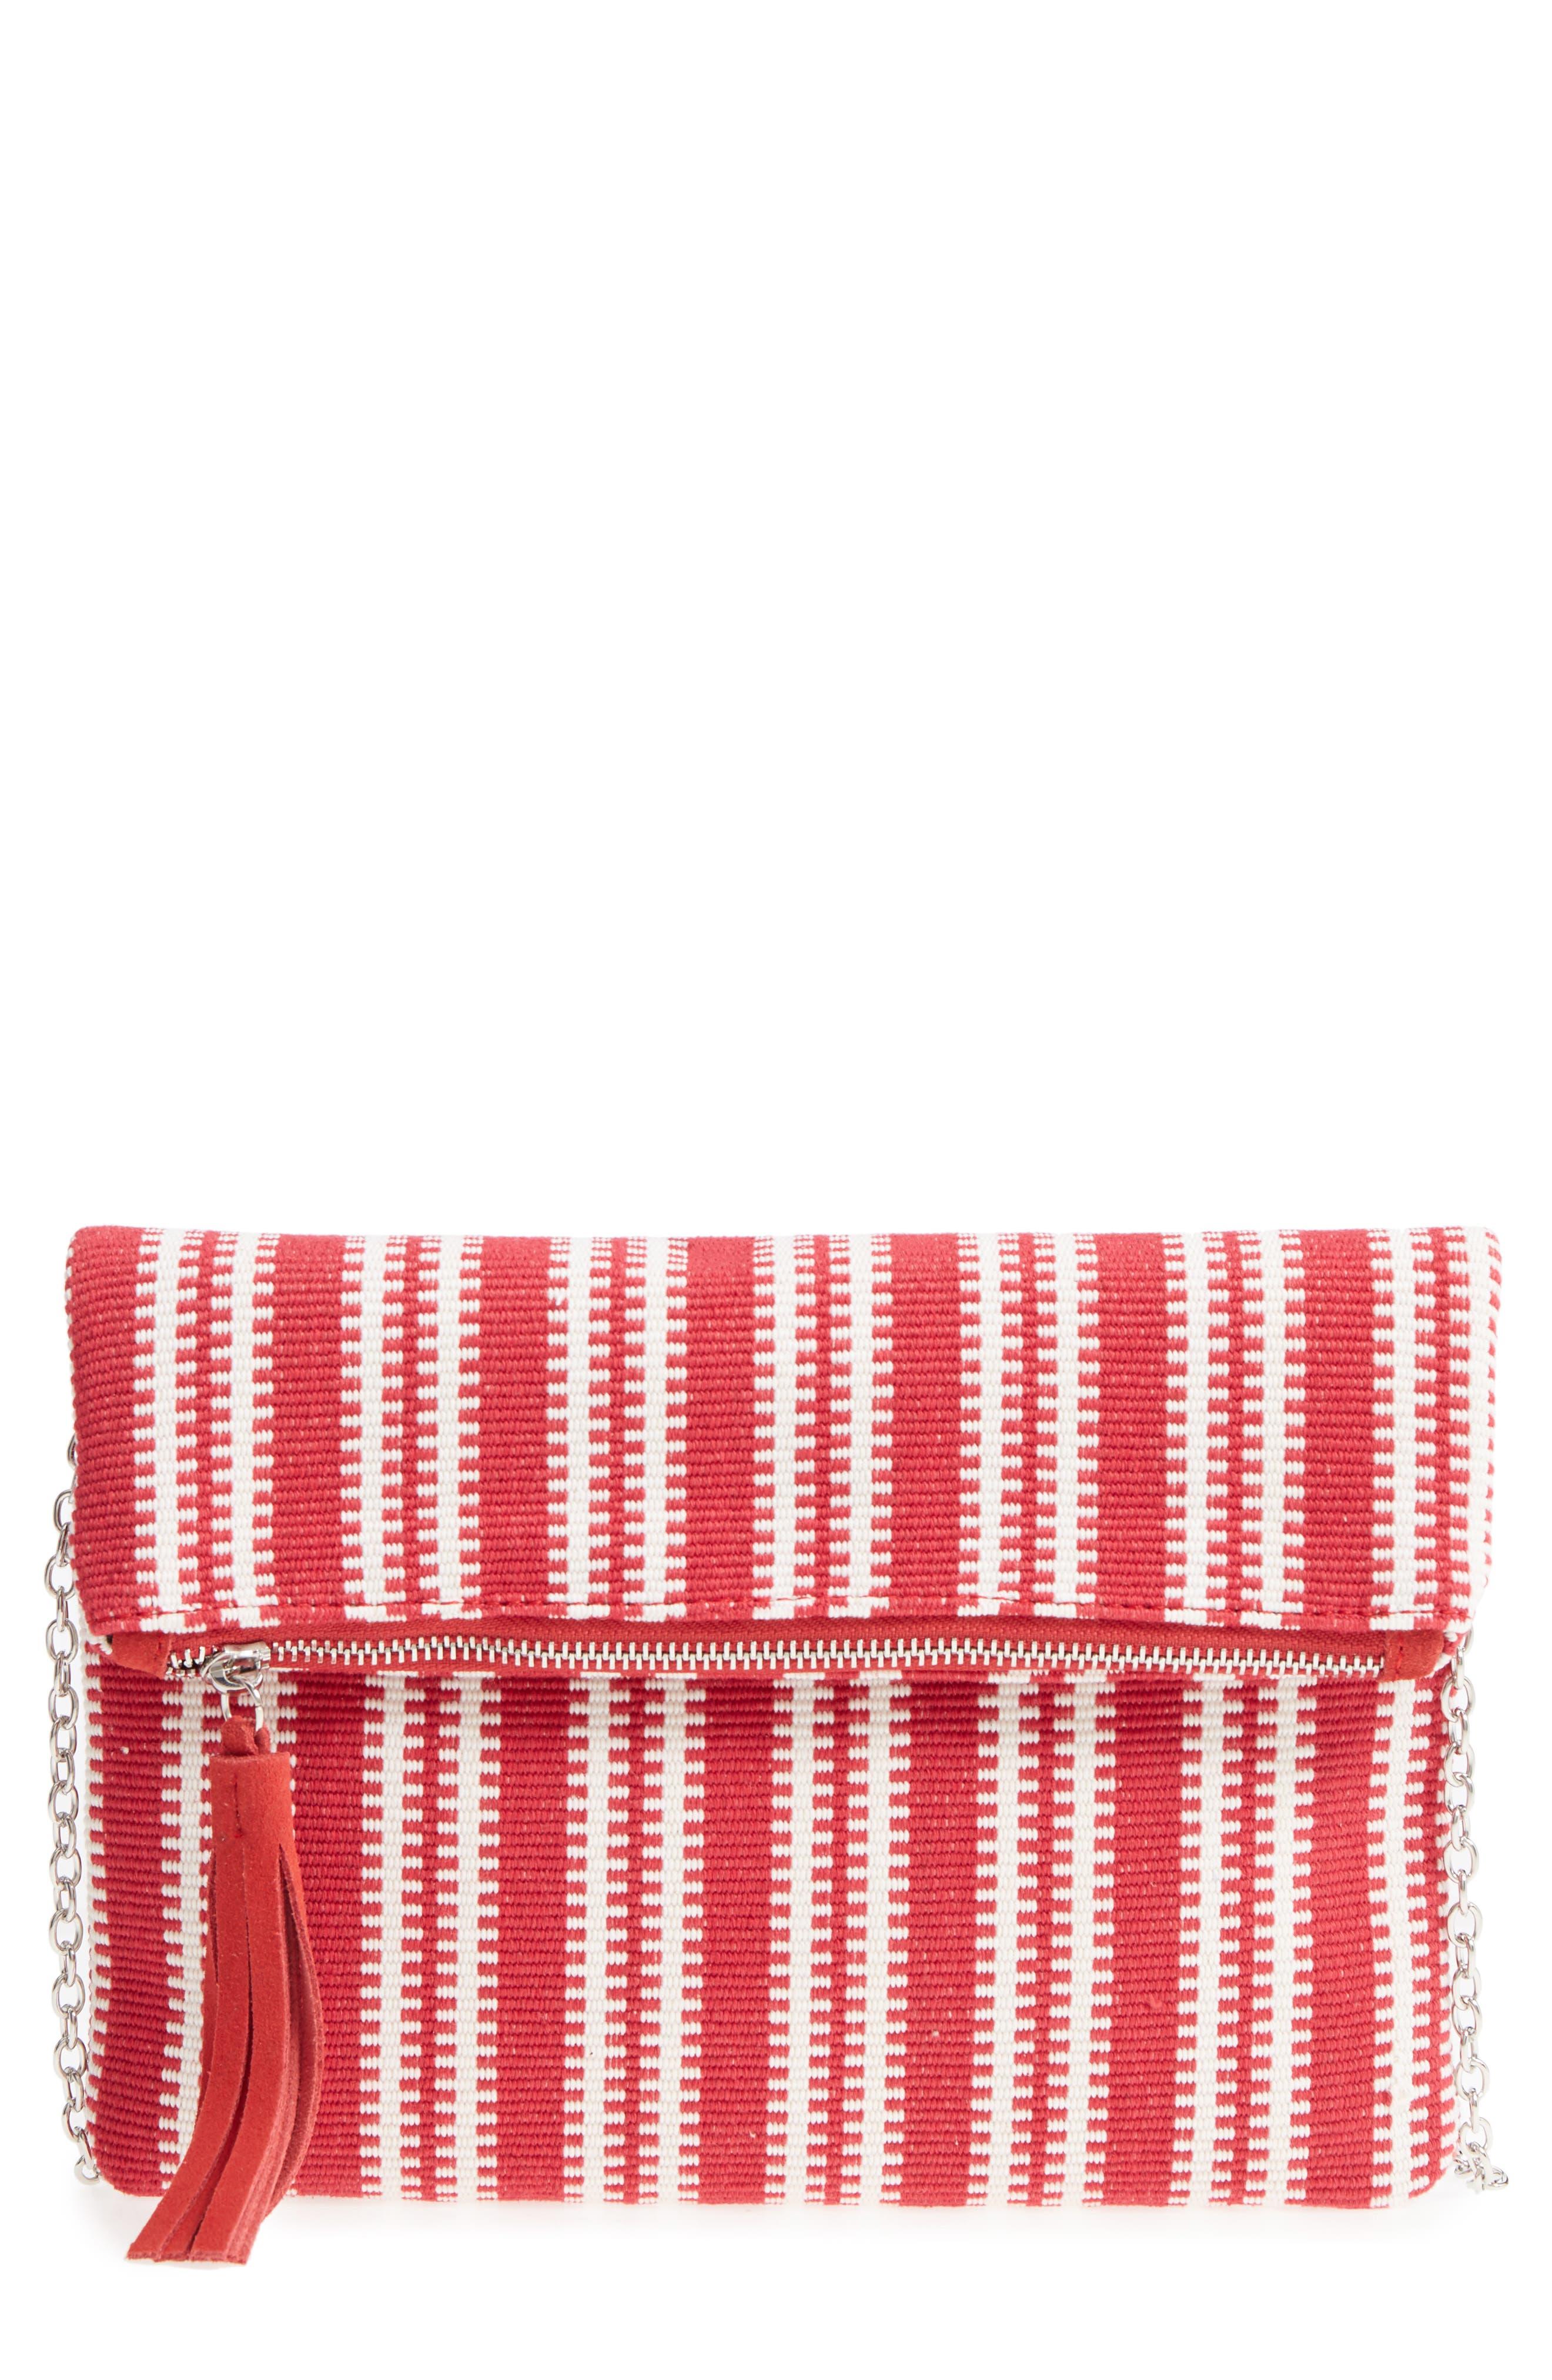 Stripe Woven Clutch,                         Main,                         color, Red Multi